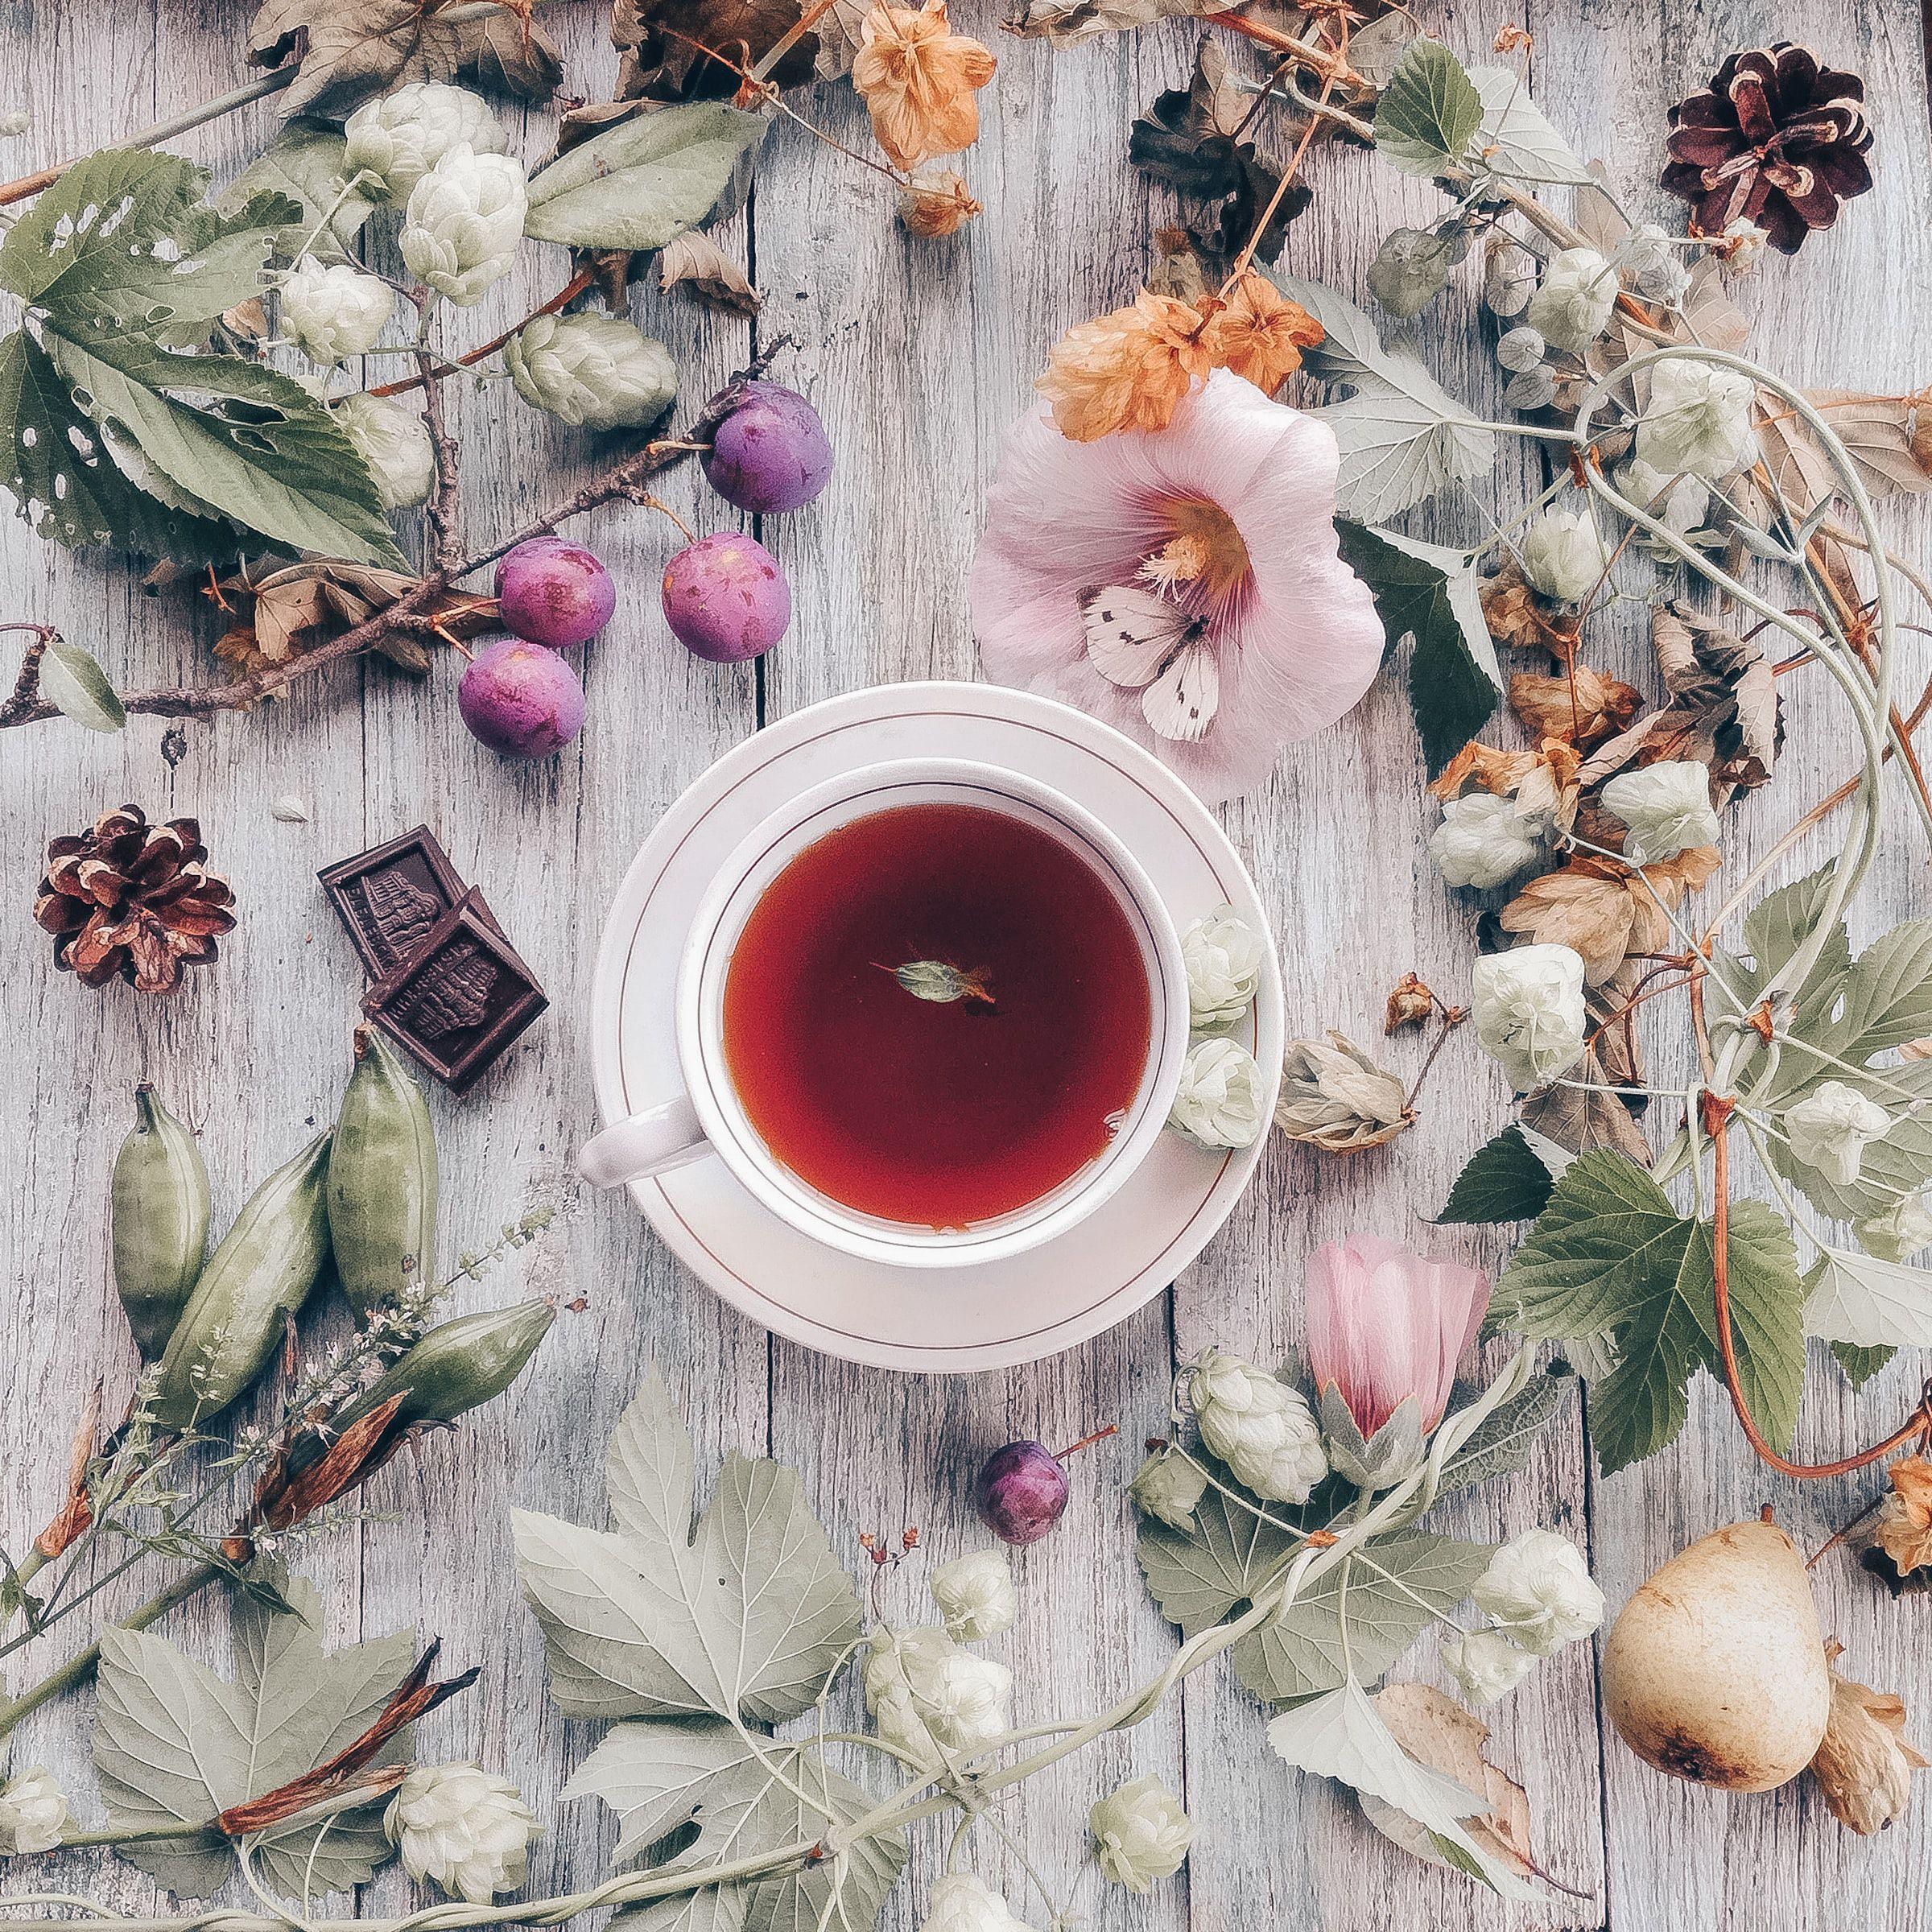 98410 скачать обои Еда, Чай, Чашка, Шоколад, Деревянный, Цветы - заставки и картинки бесплатно